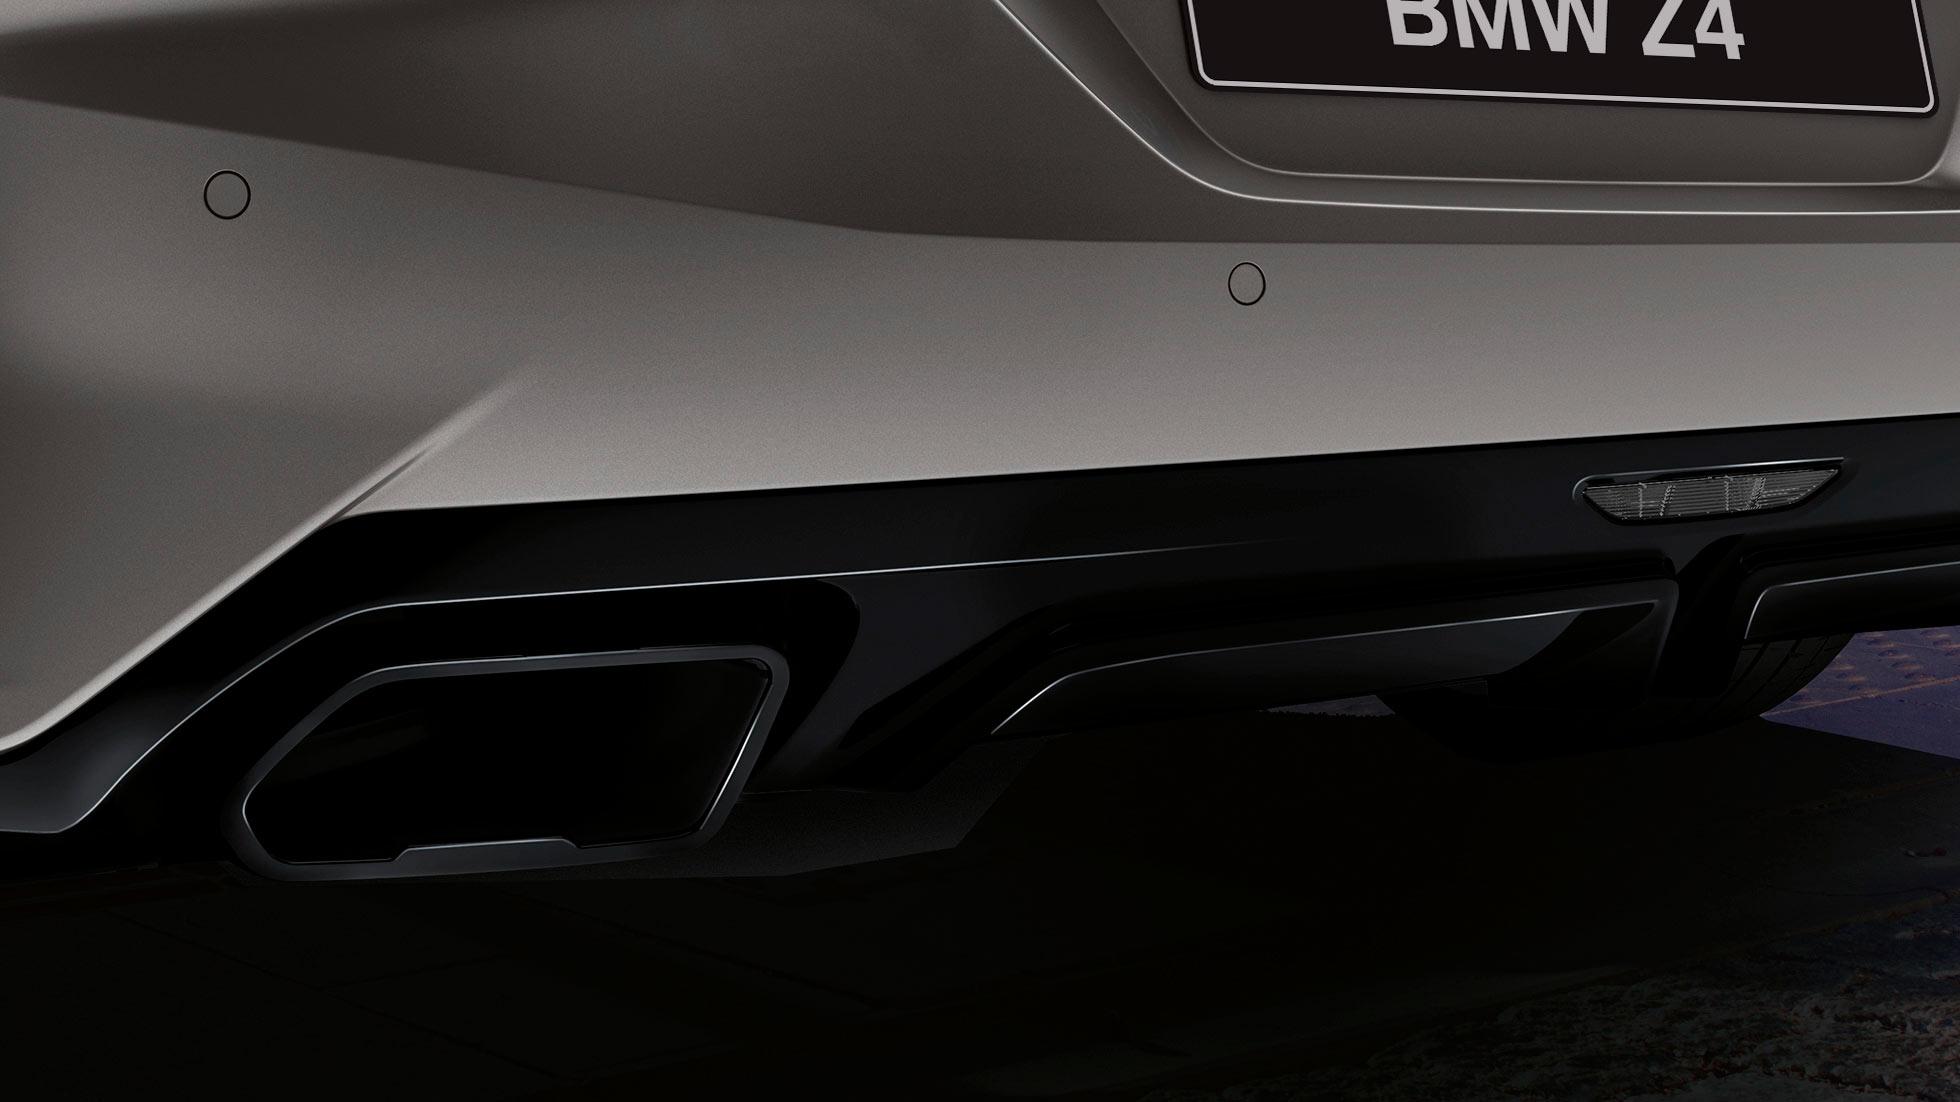 BMW Z4 Roadster в сером цвете, выхлопные патрубки